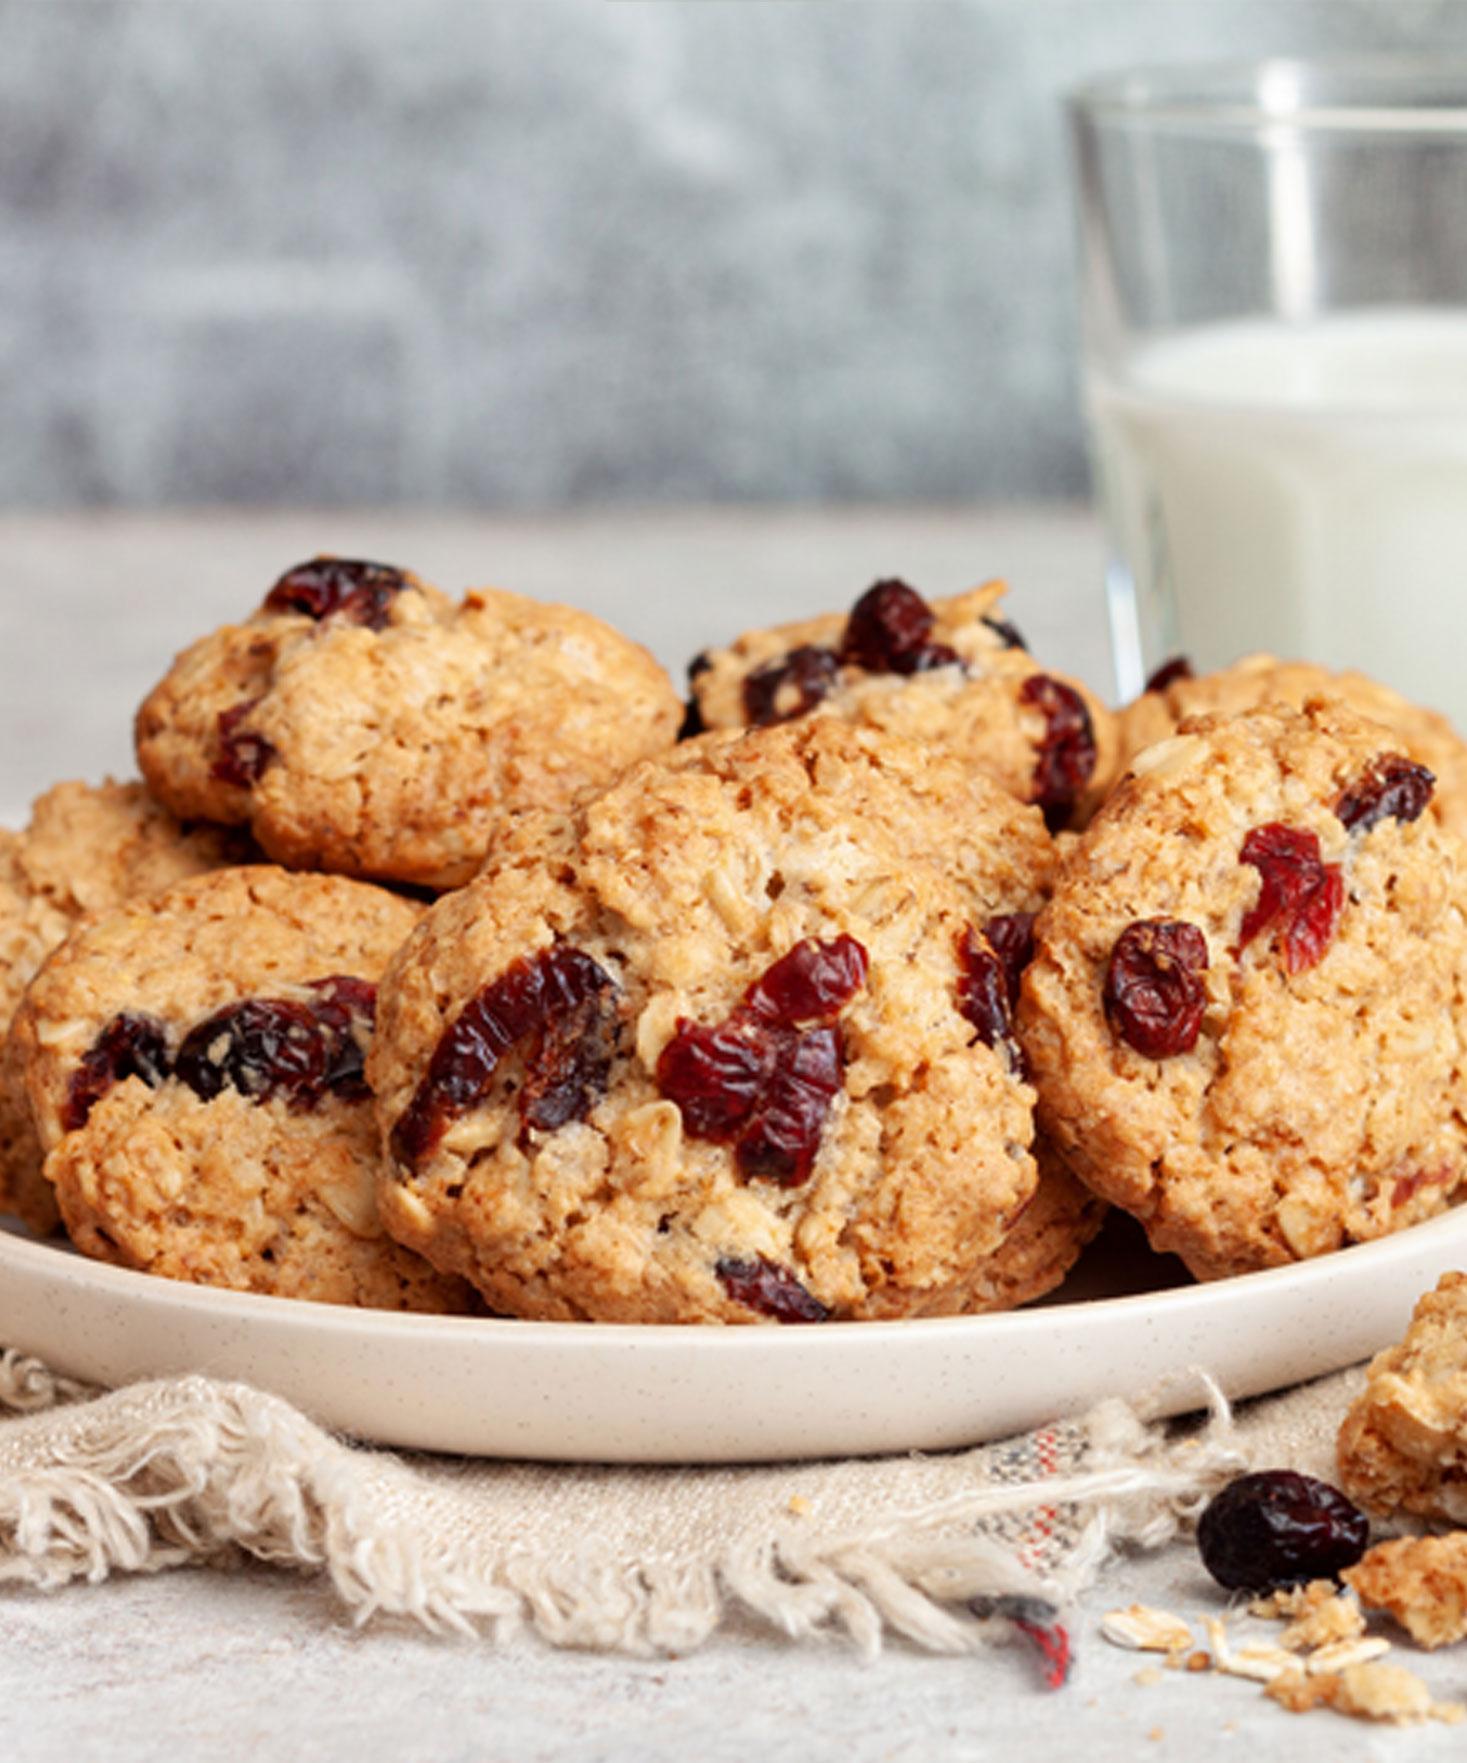 Délicieux cookies sains et gourmands à déguster !